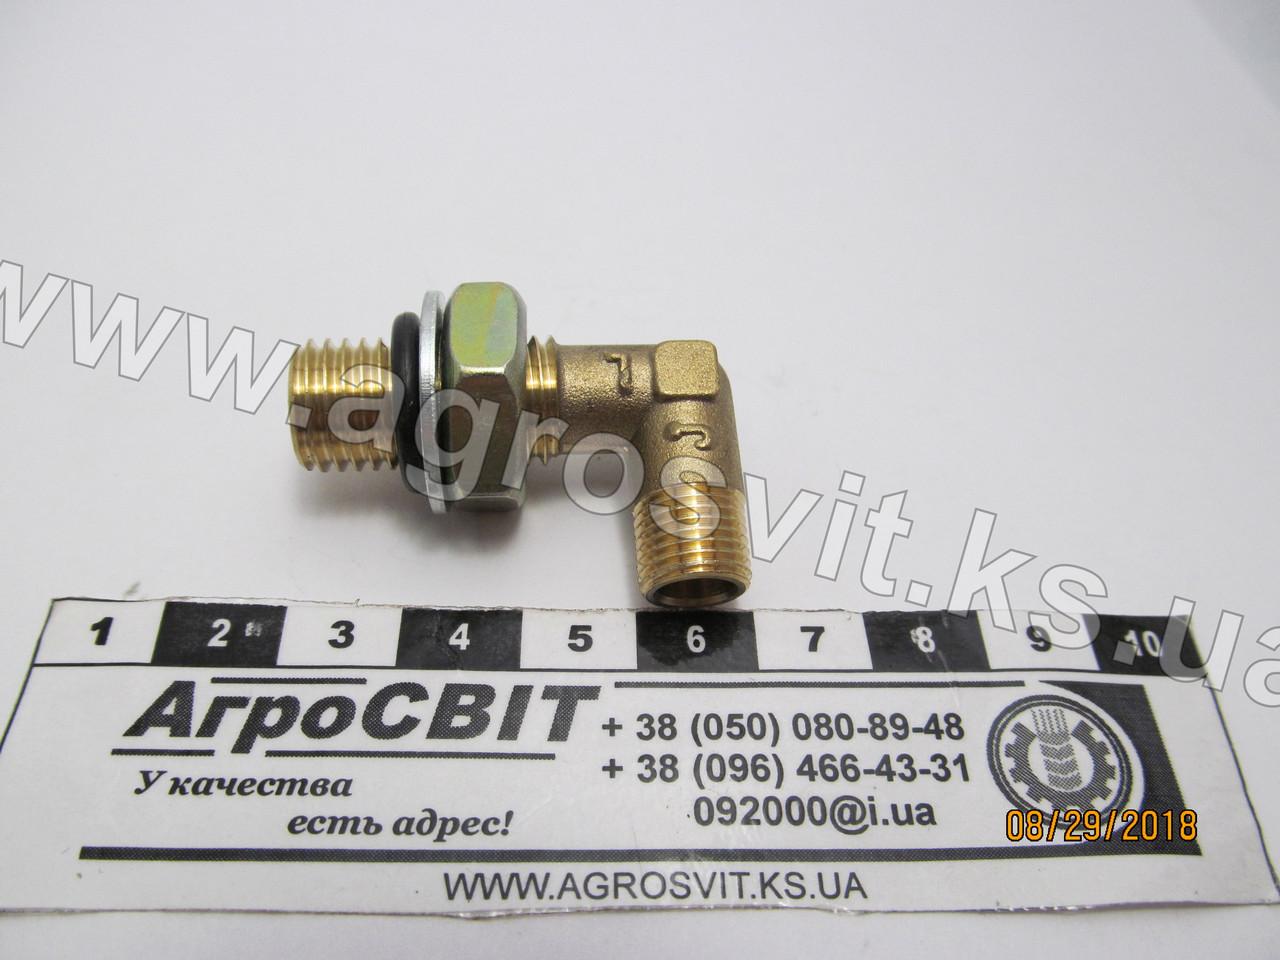 Уголок М-10*1,5 / М-12*1,5 (с гайкой), кат. № DK-1450